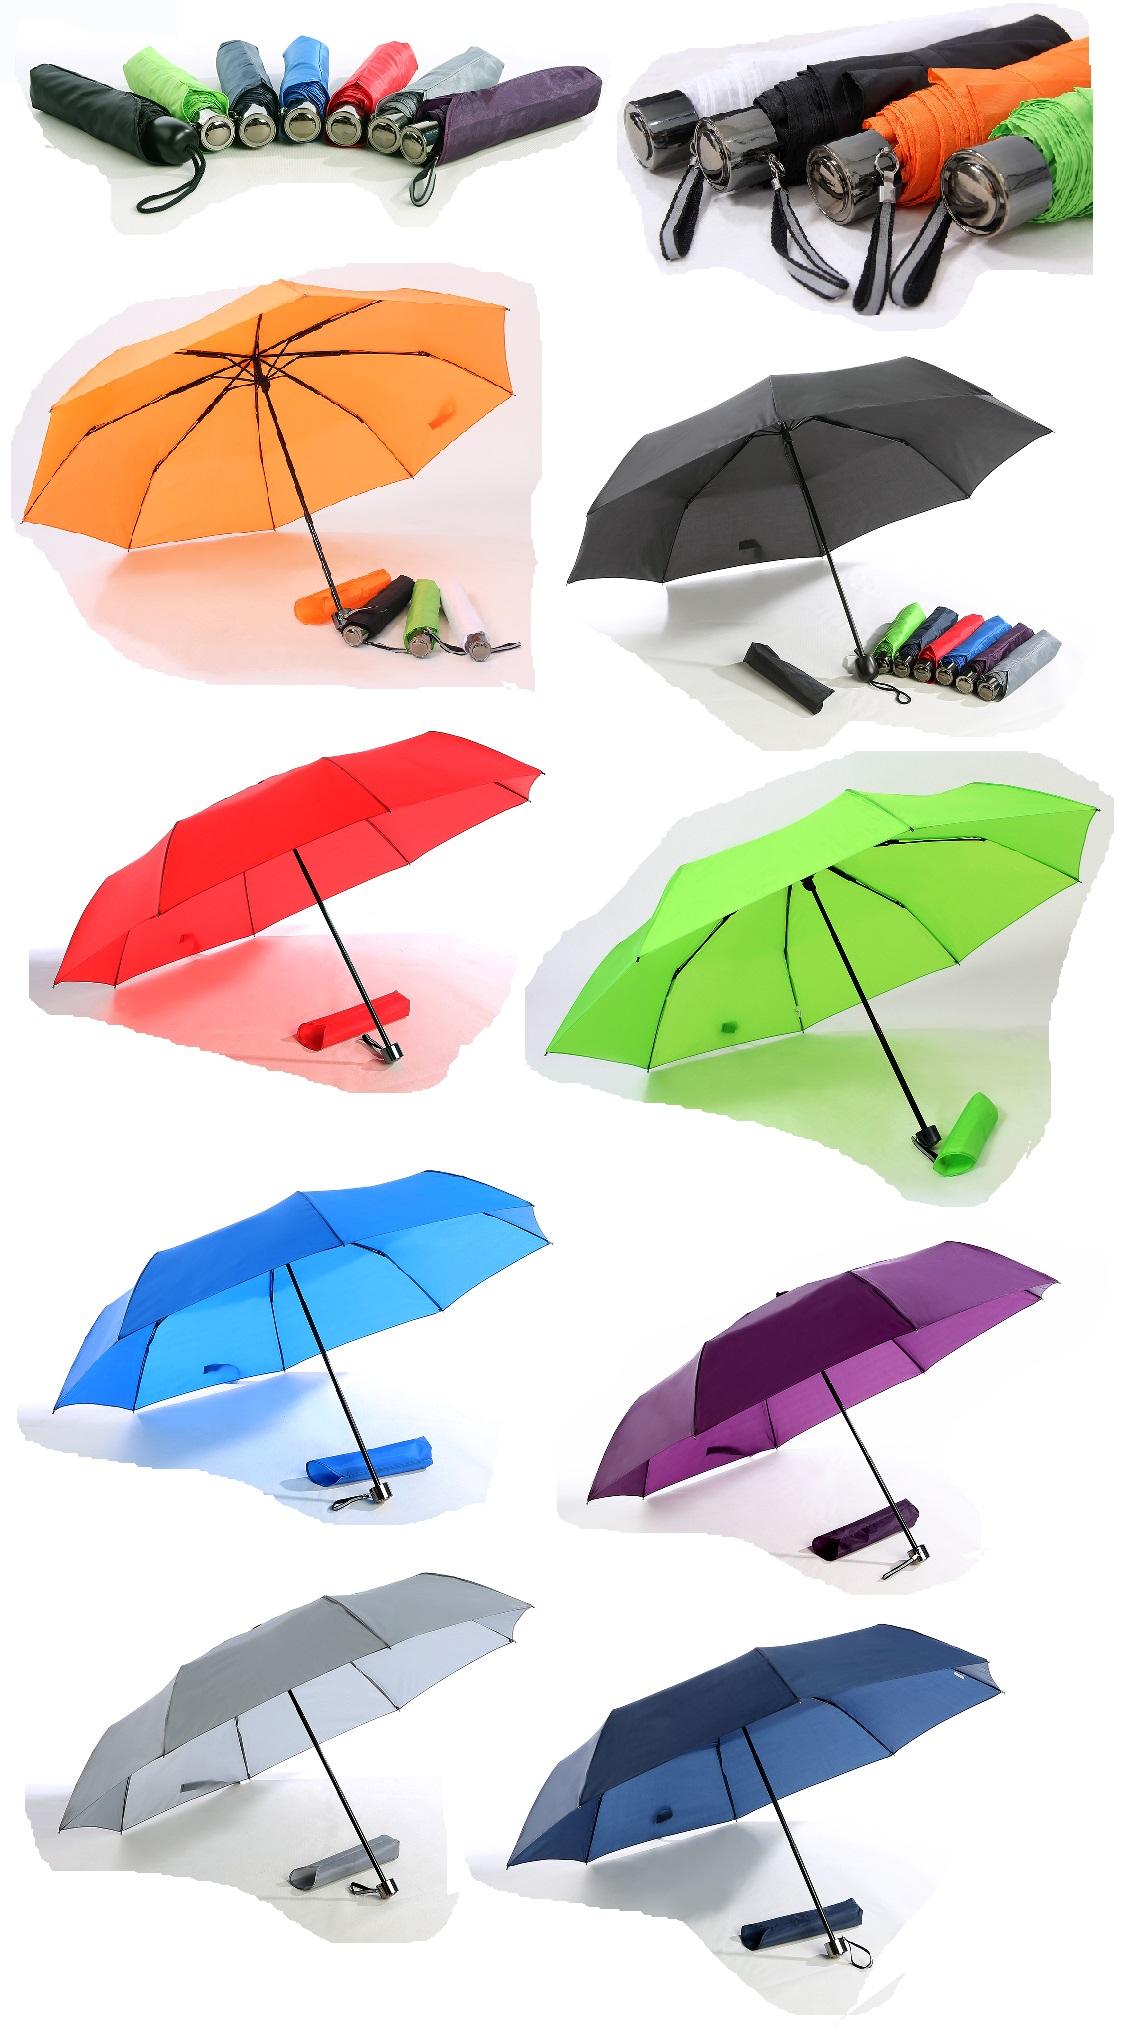 Basic Foldable Umbrella